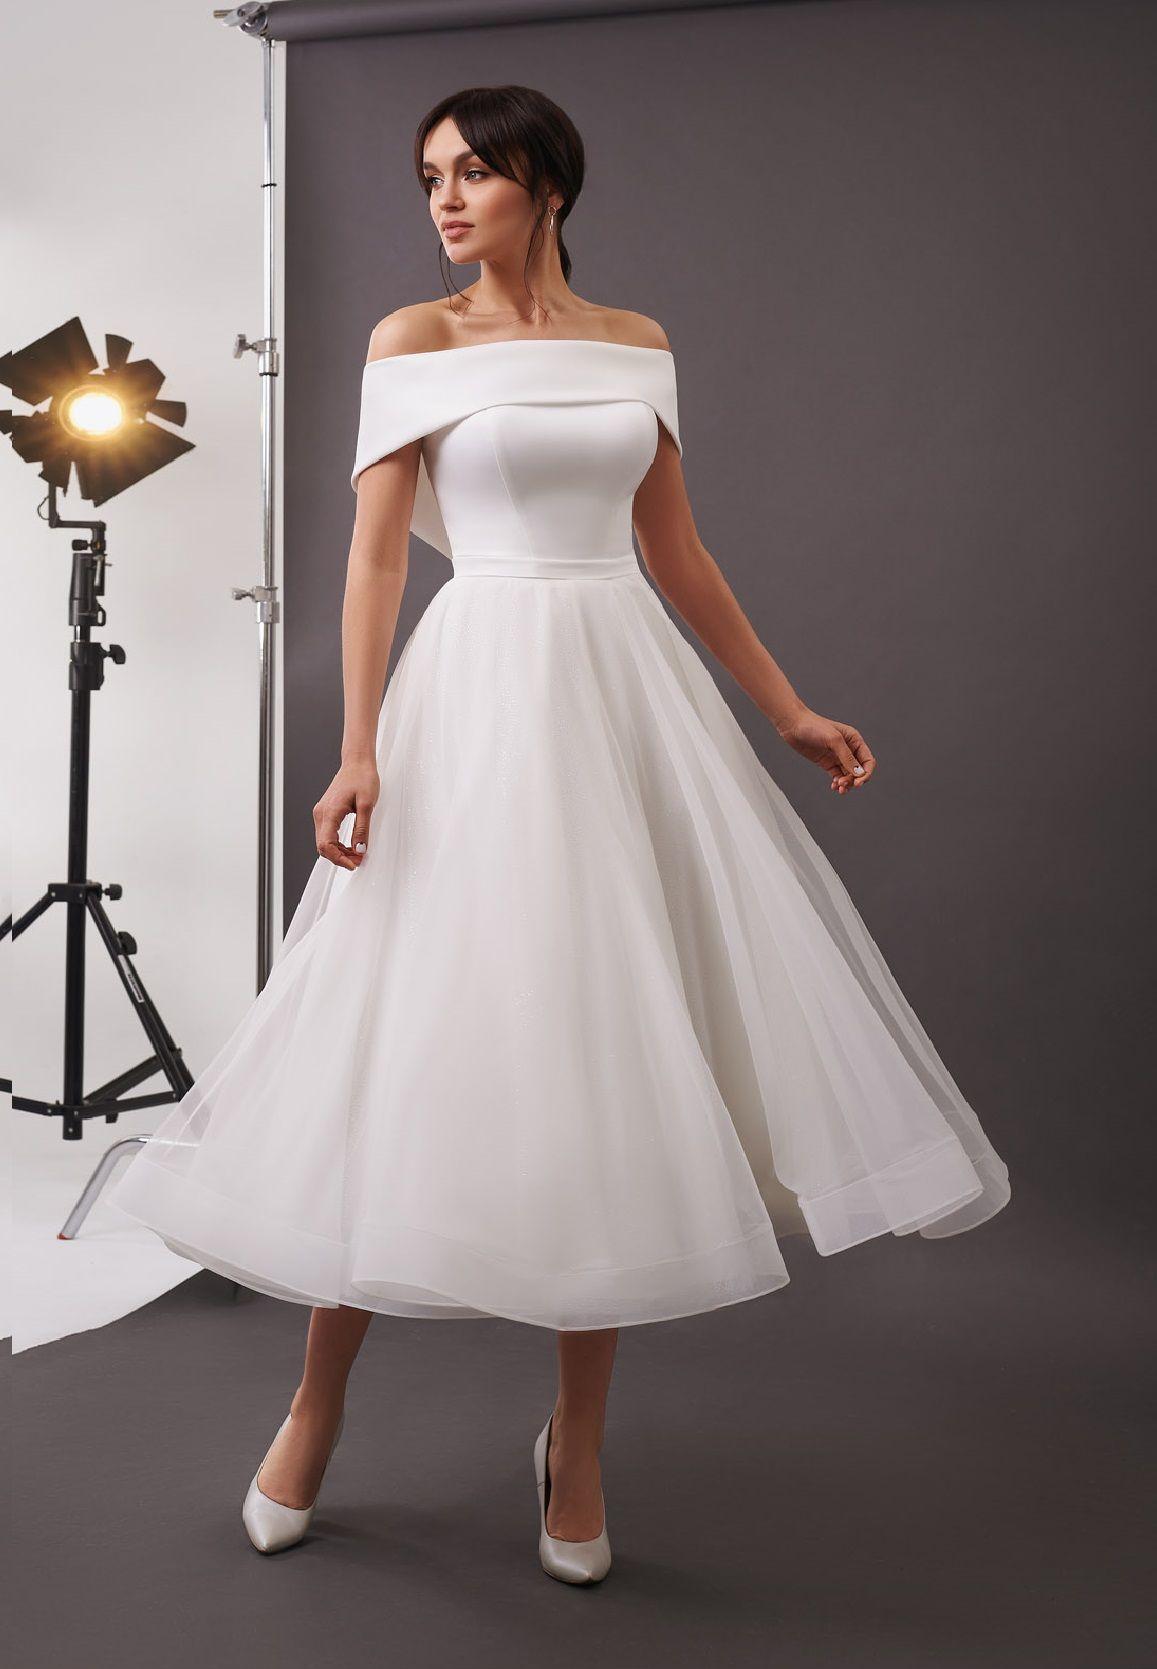 Купить/аренда свадебное платье| Свадебная и вечерняя мода Glamour